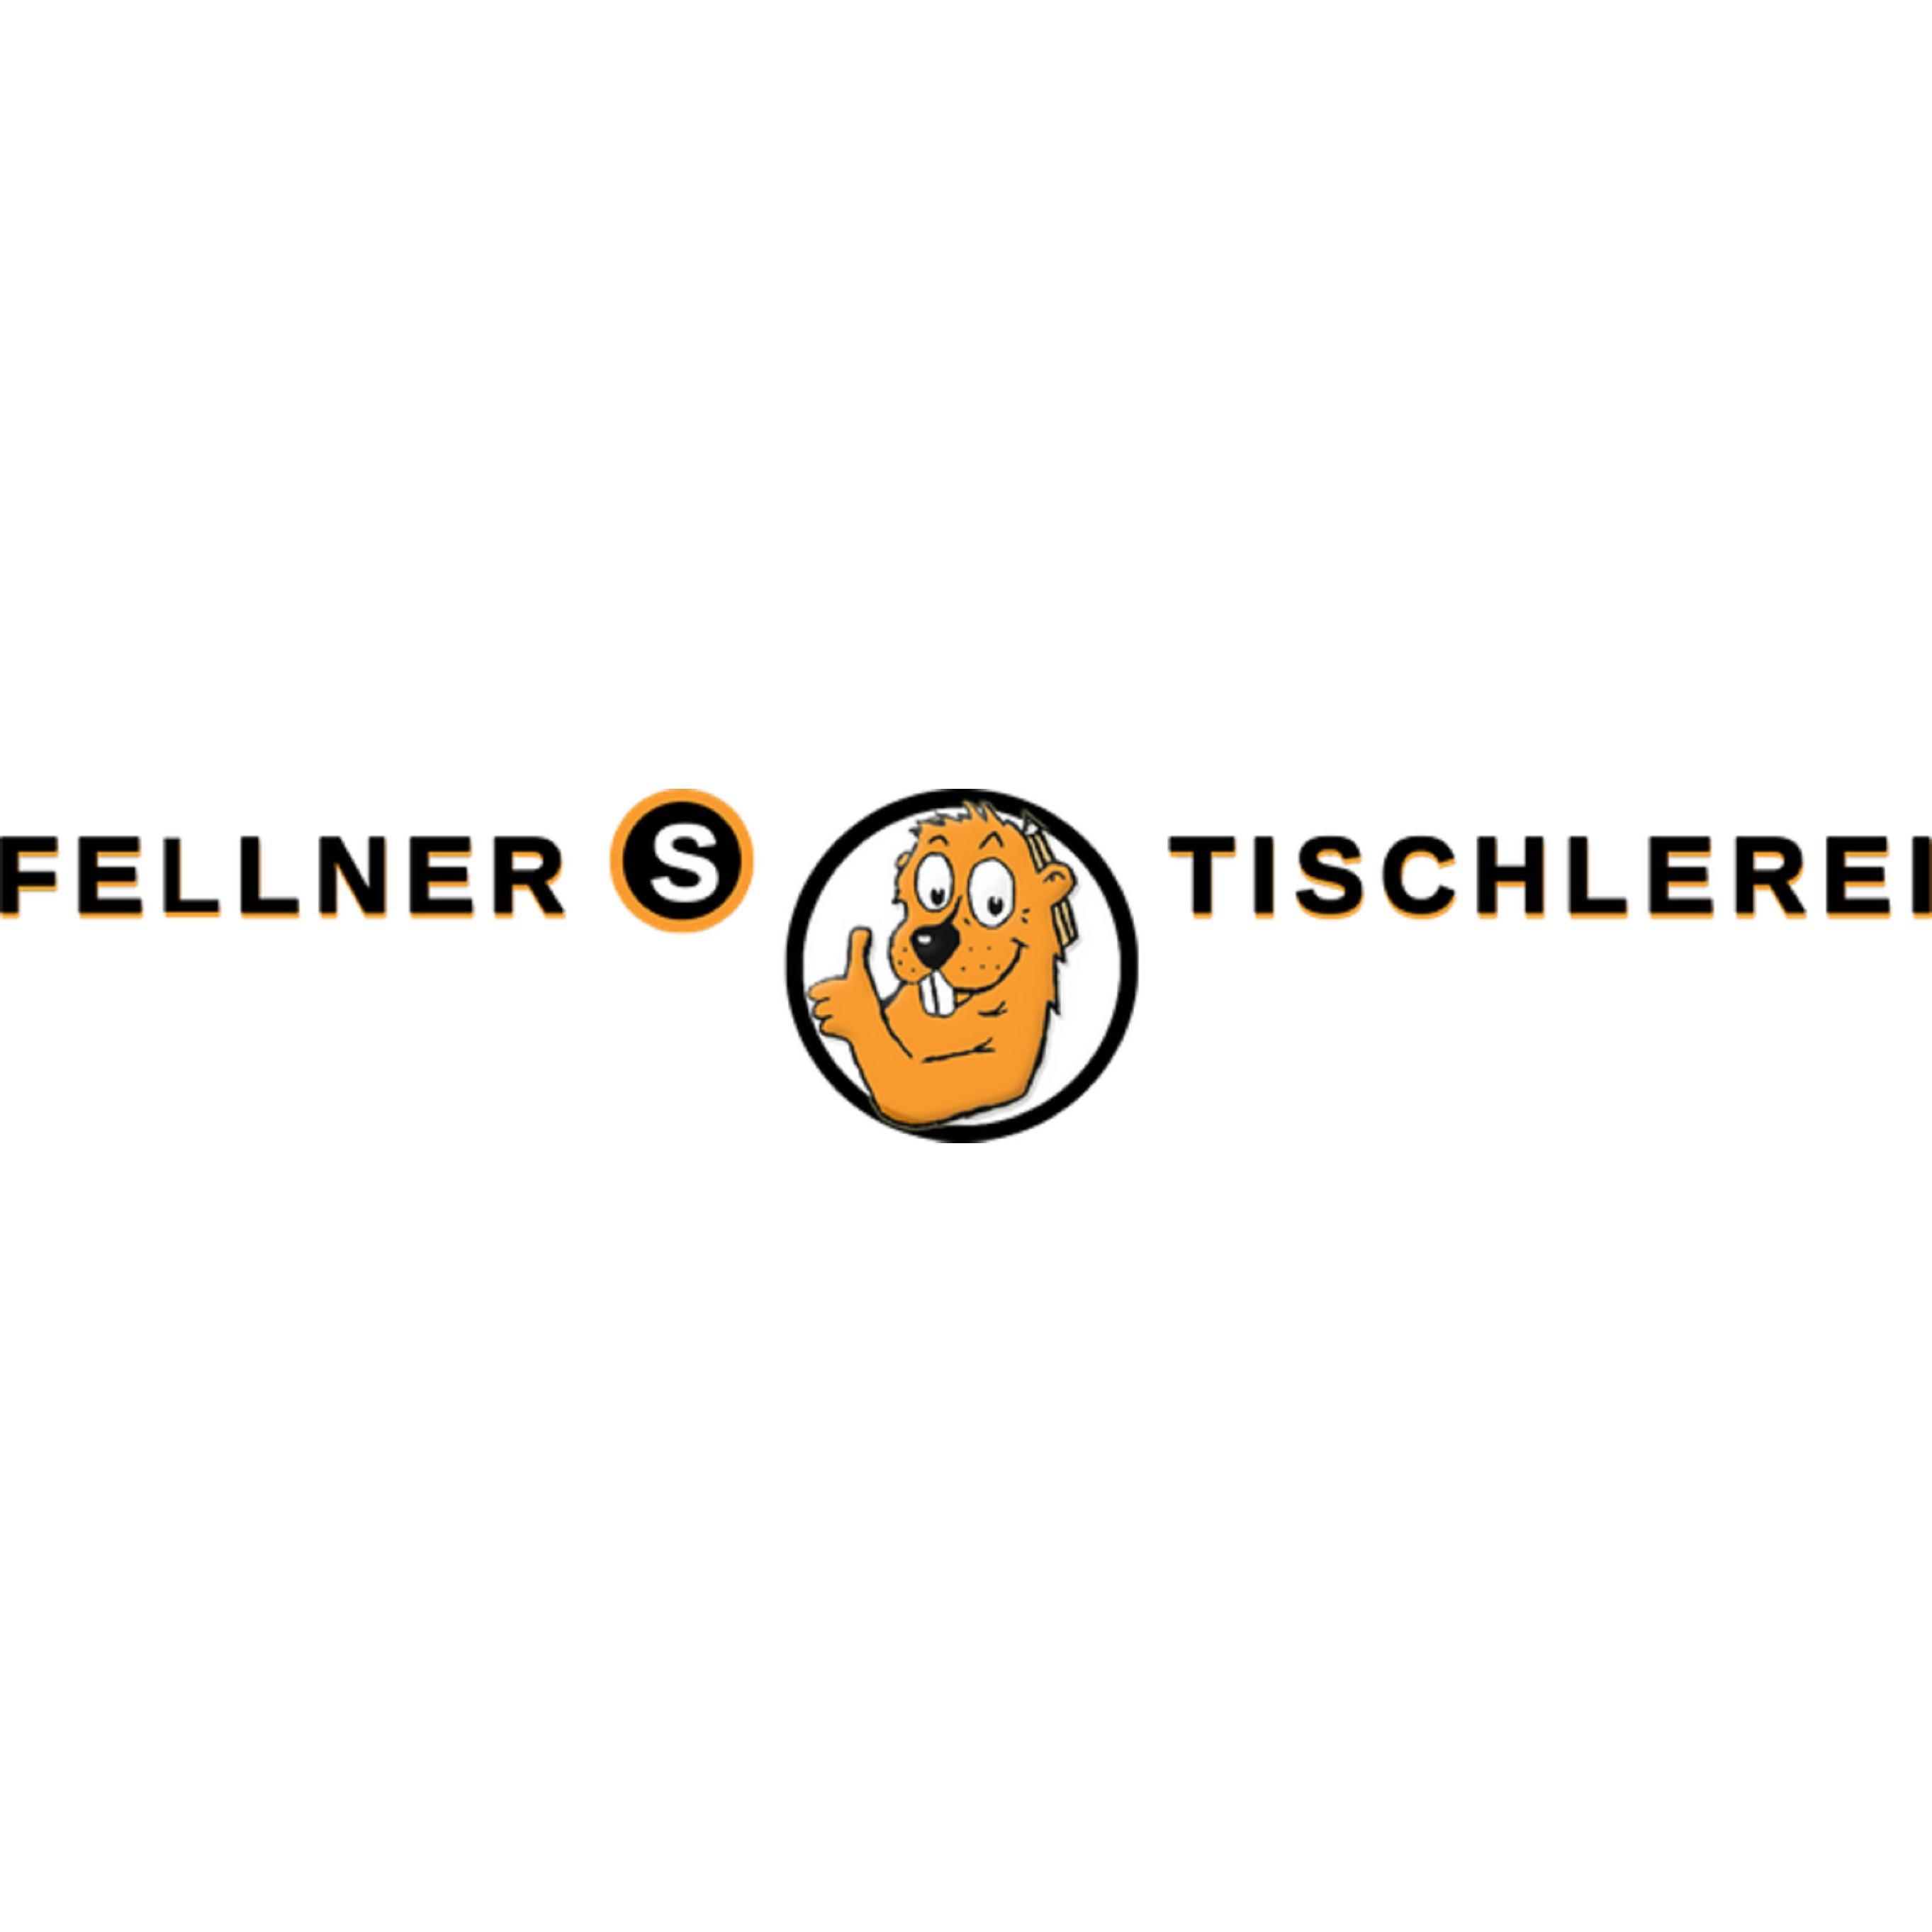 Tischlerei Fellner